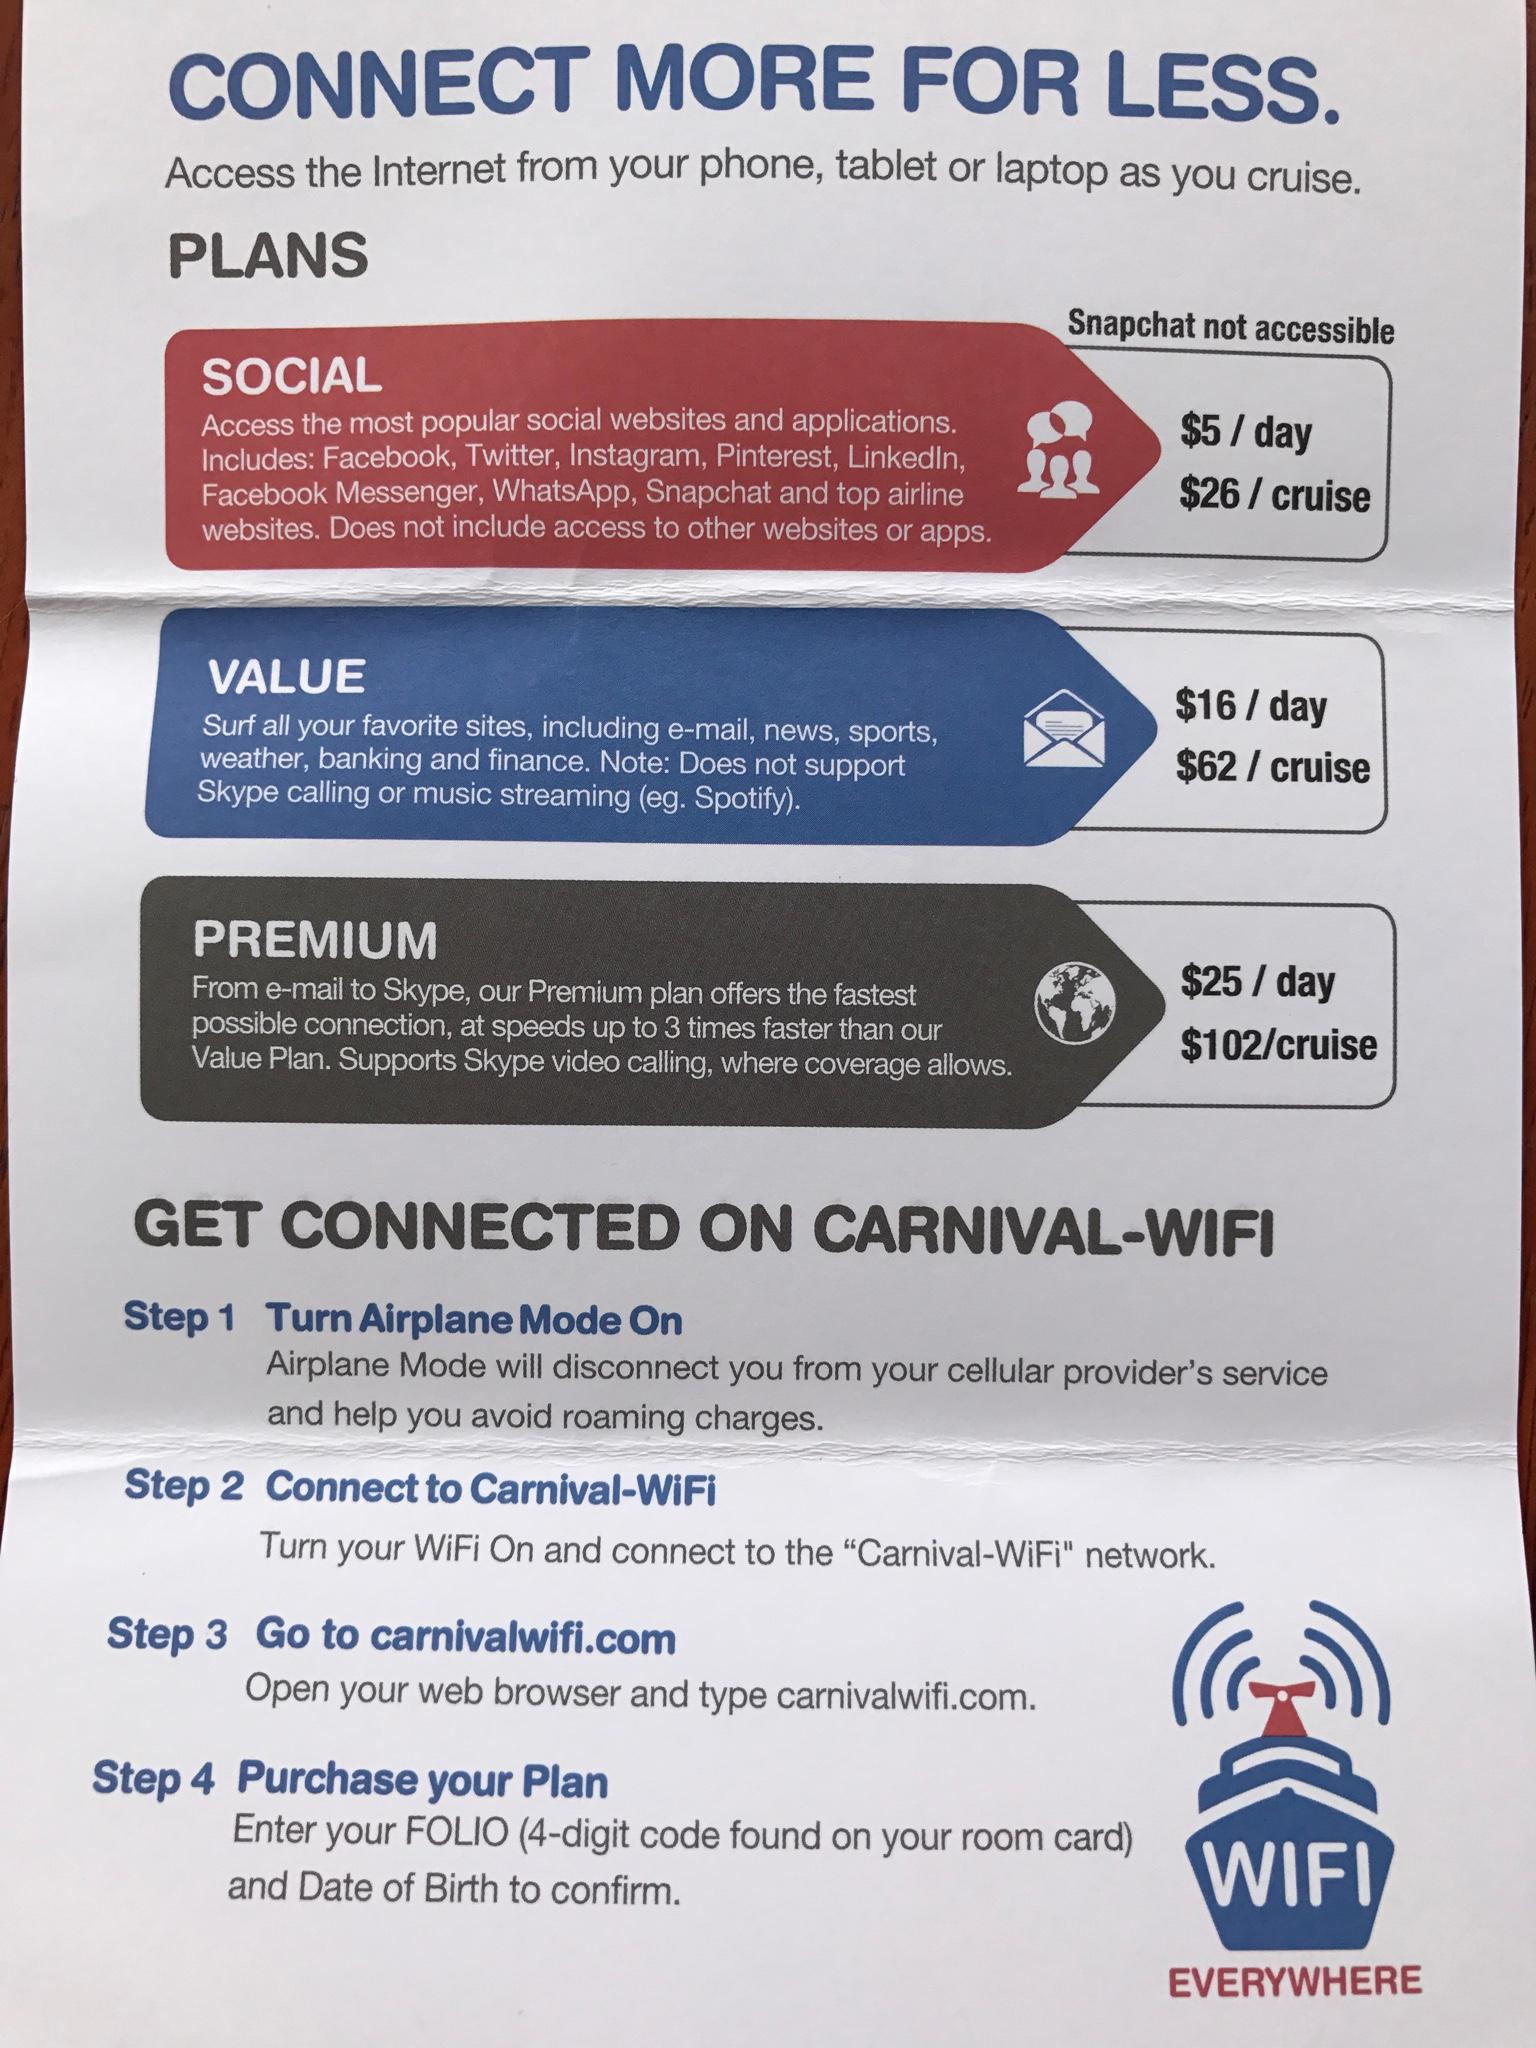 Carnival Pride wifi - Carnival Cruise Lines - Cruise Critic